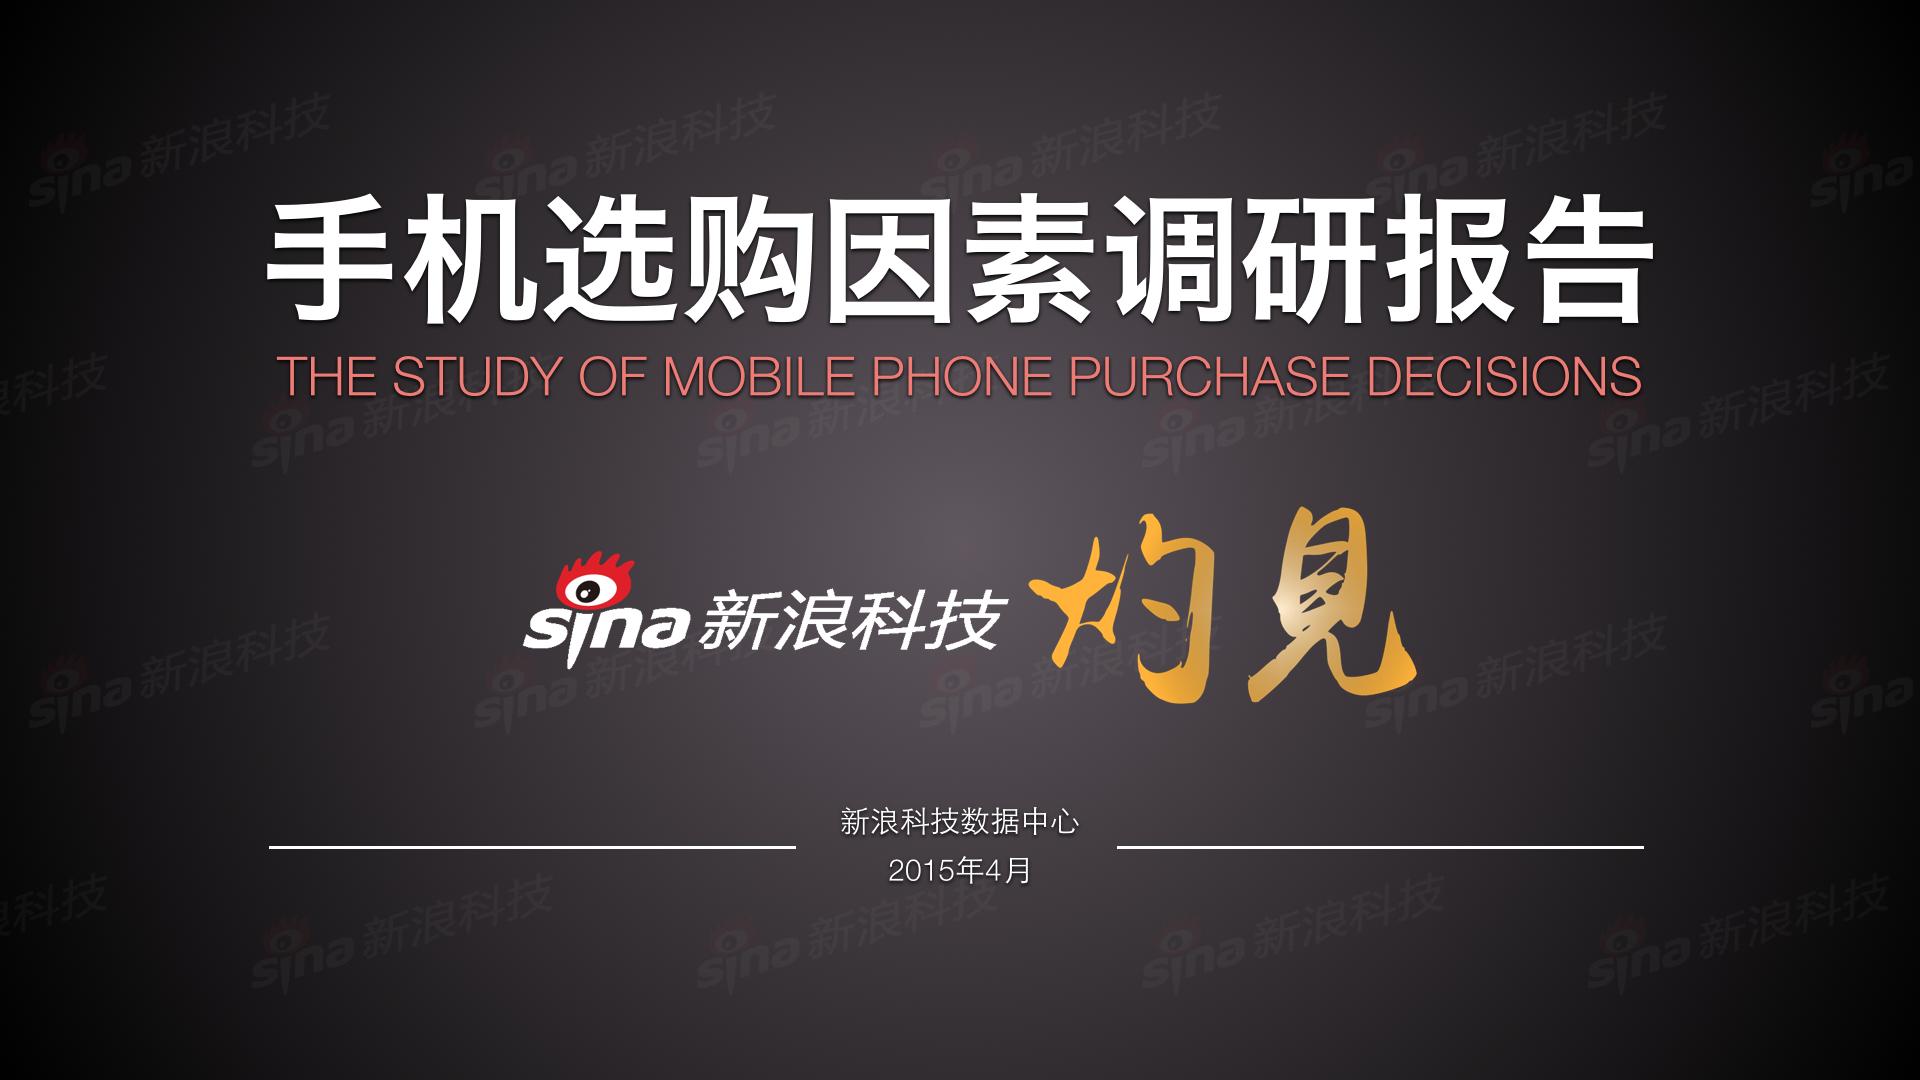 新浪科技数据中心_购买手机因素调研.001